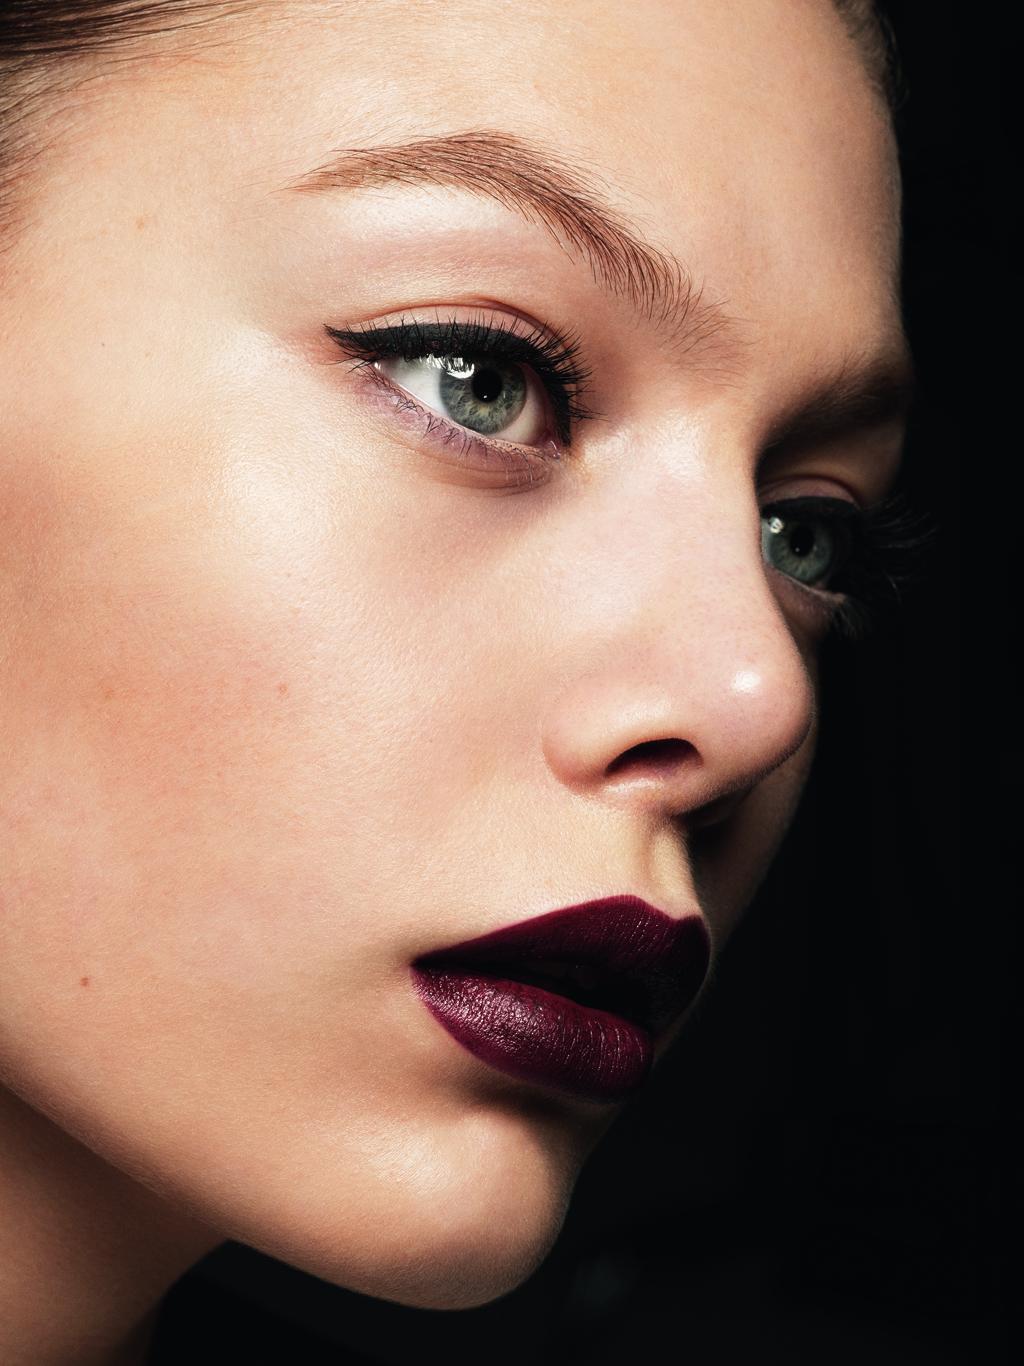 Maquillage Victoria Beckham x Estee Lauder 2017 avis produits l La Fiancee du Panda blog beaute 12